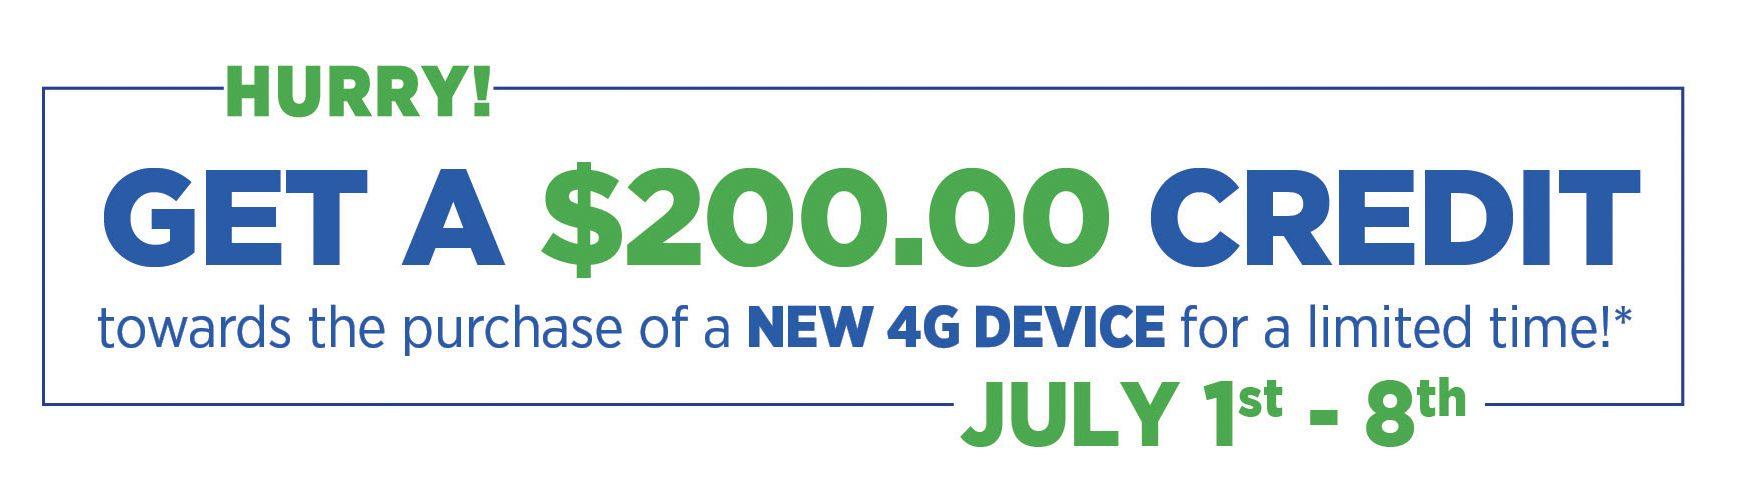 Alpine Wireless $200 Savings